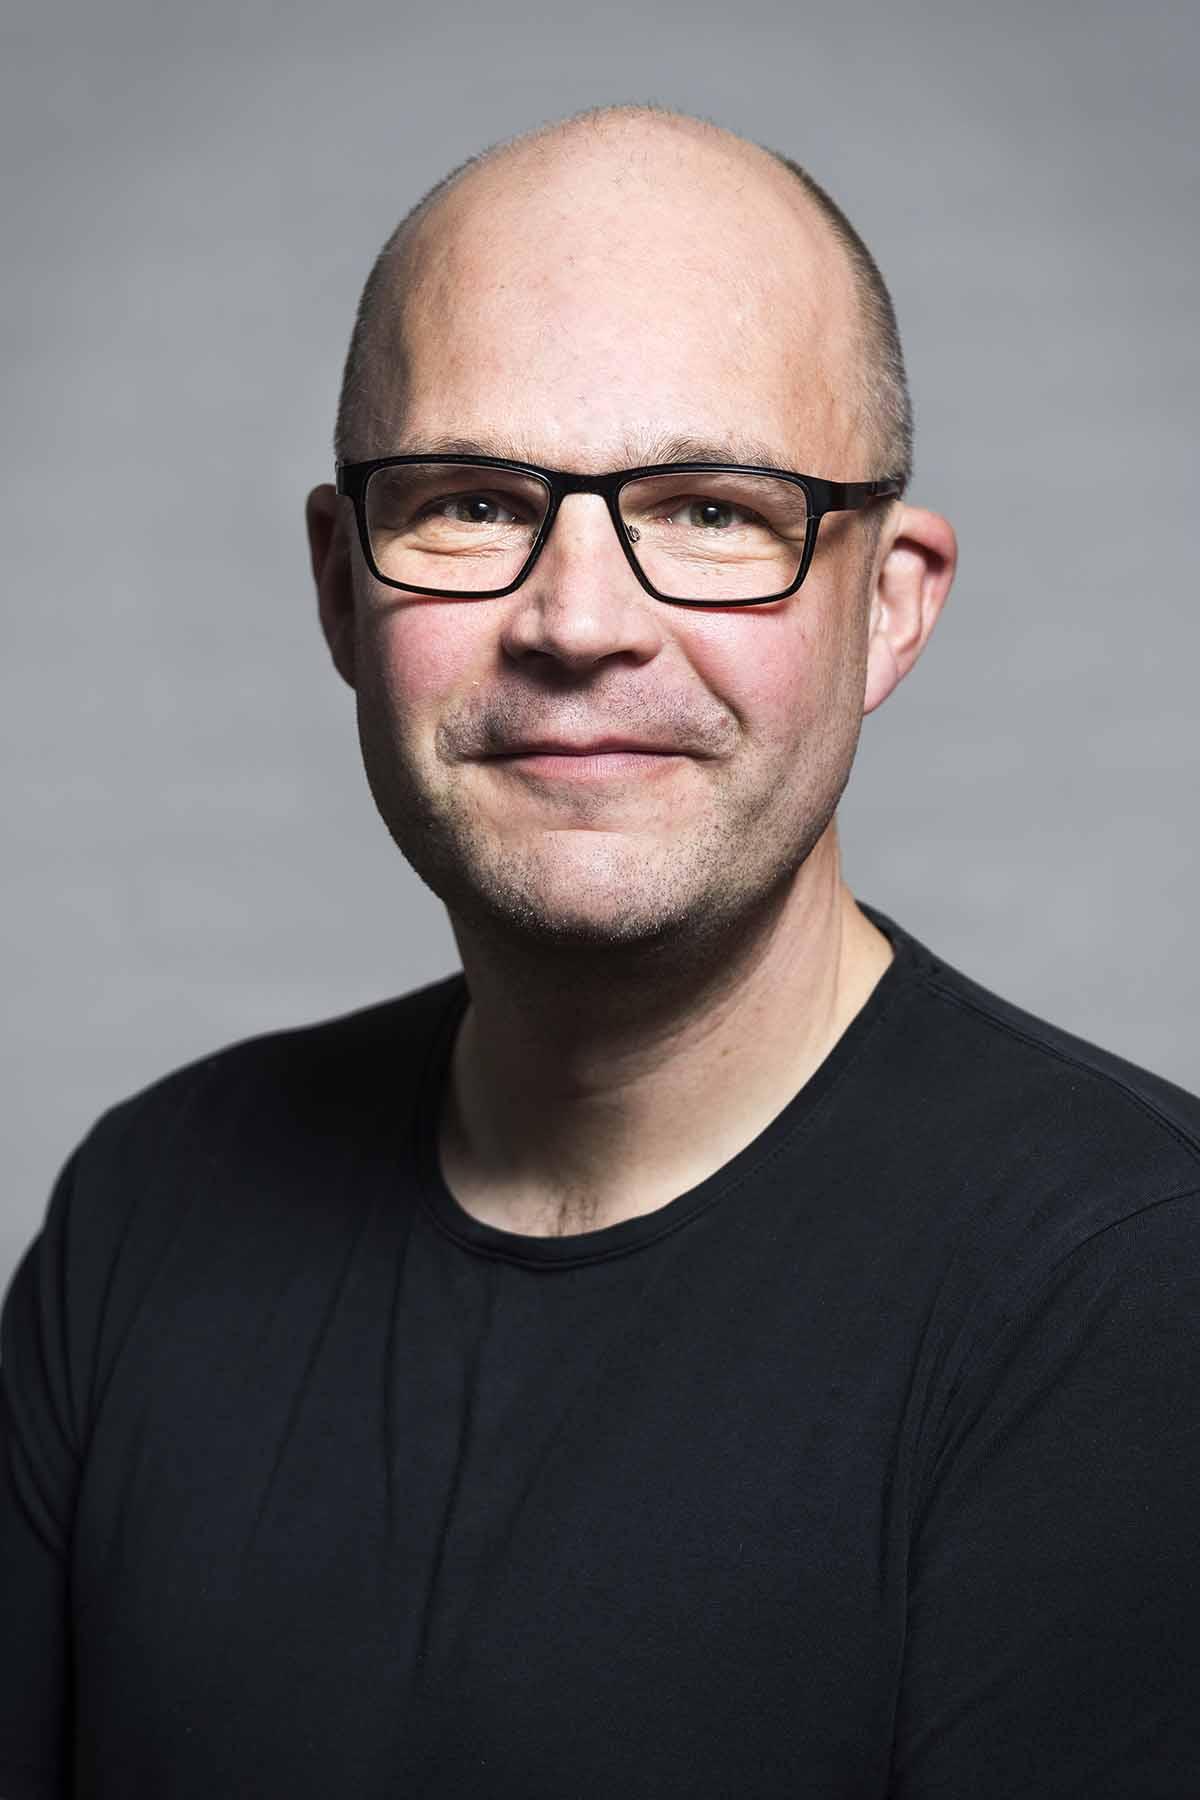 Portræt fotograf i Haderslev